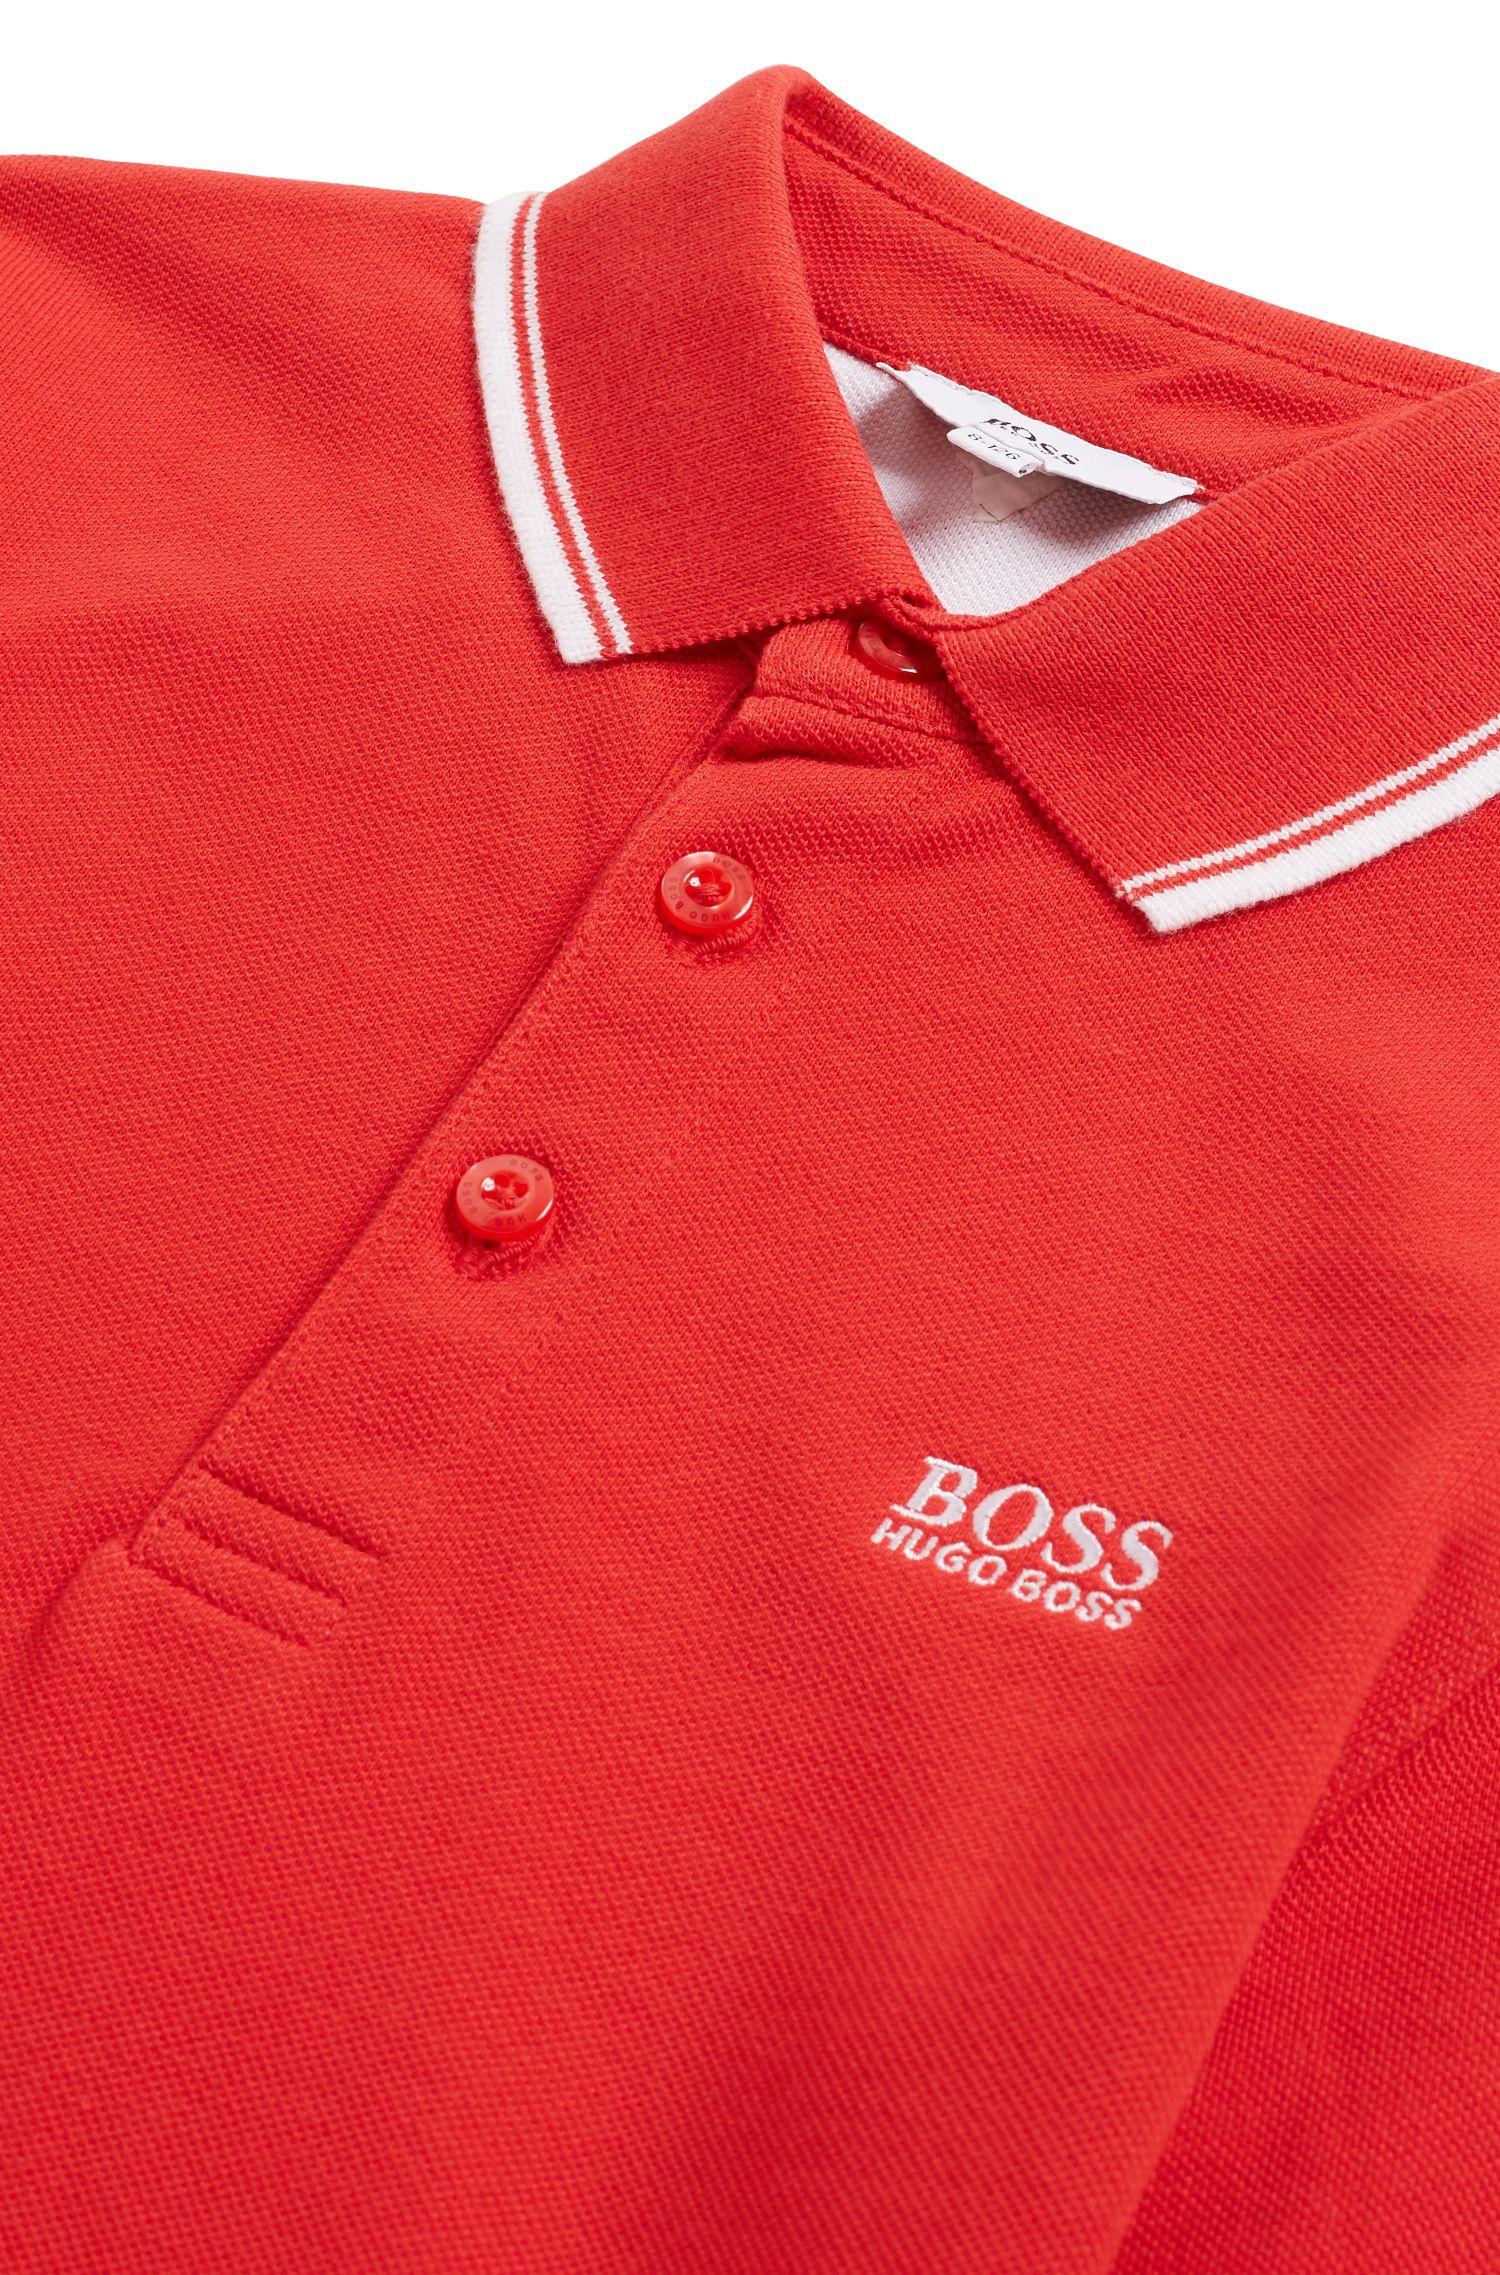 Kids-Poloshirt aus Baumwoll-Piqué mit bedruckter Kragenunterseite, Rot